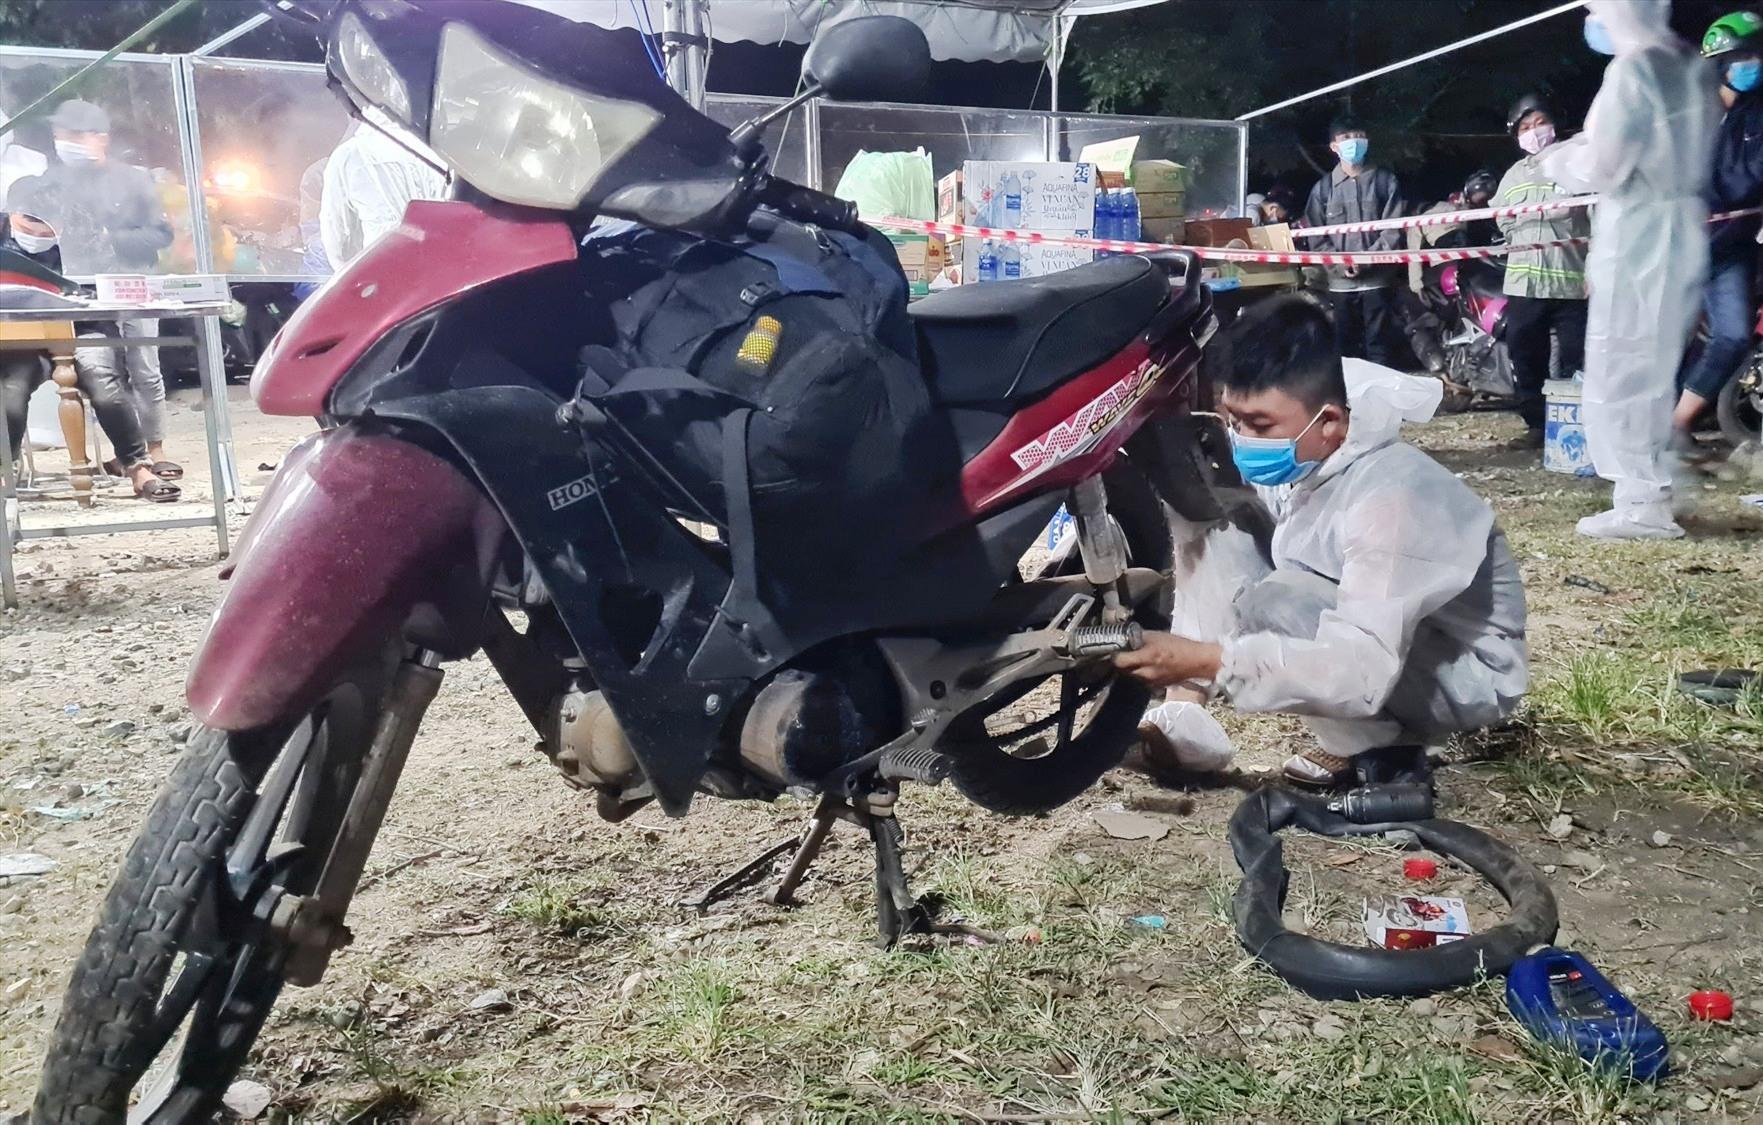 Anh Nguyễn Tiến Sơn tình nguyện sửa xe miễn phí cho người dân phía Bắc về quê tránh dịch. Ảnh: H.Q